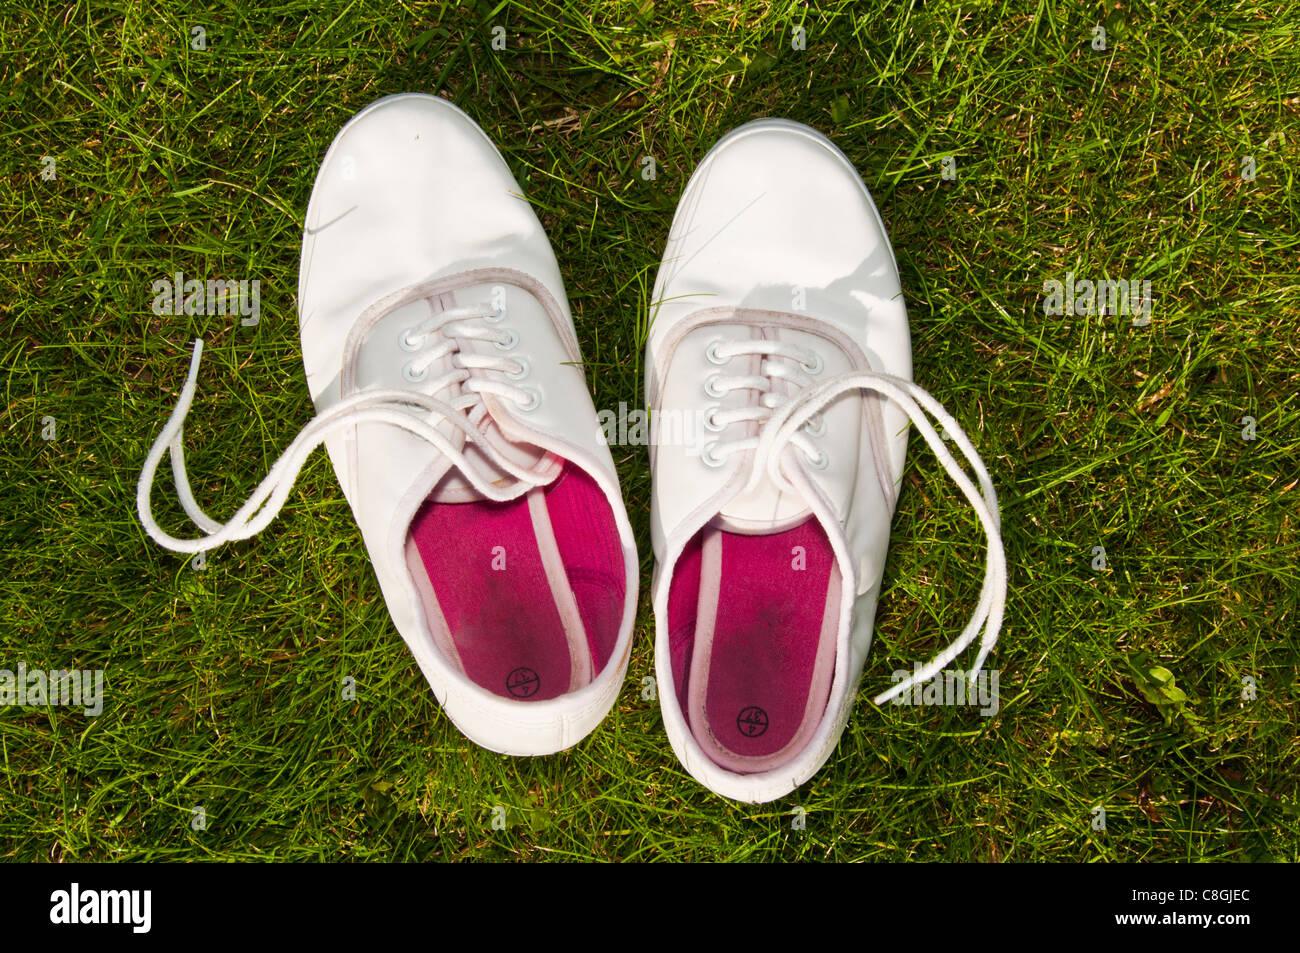 Blanco zapatos de verano sobre el césped Imagen De Stock